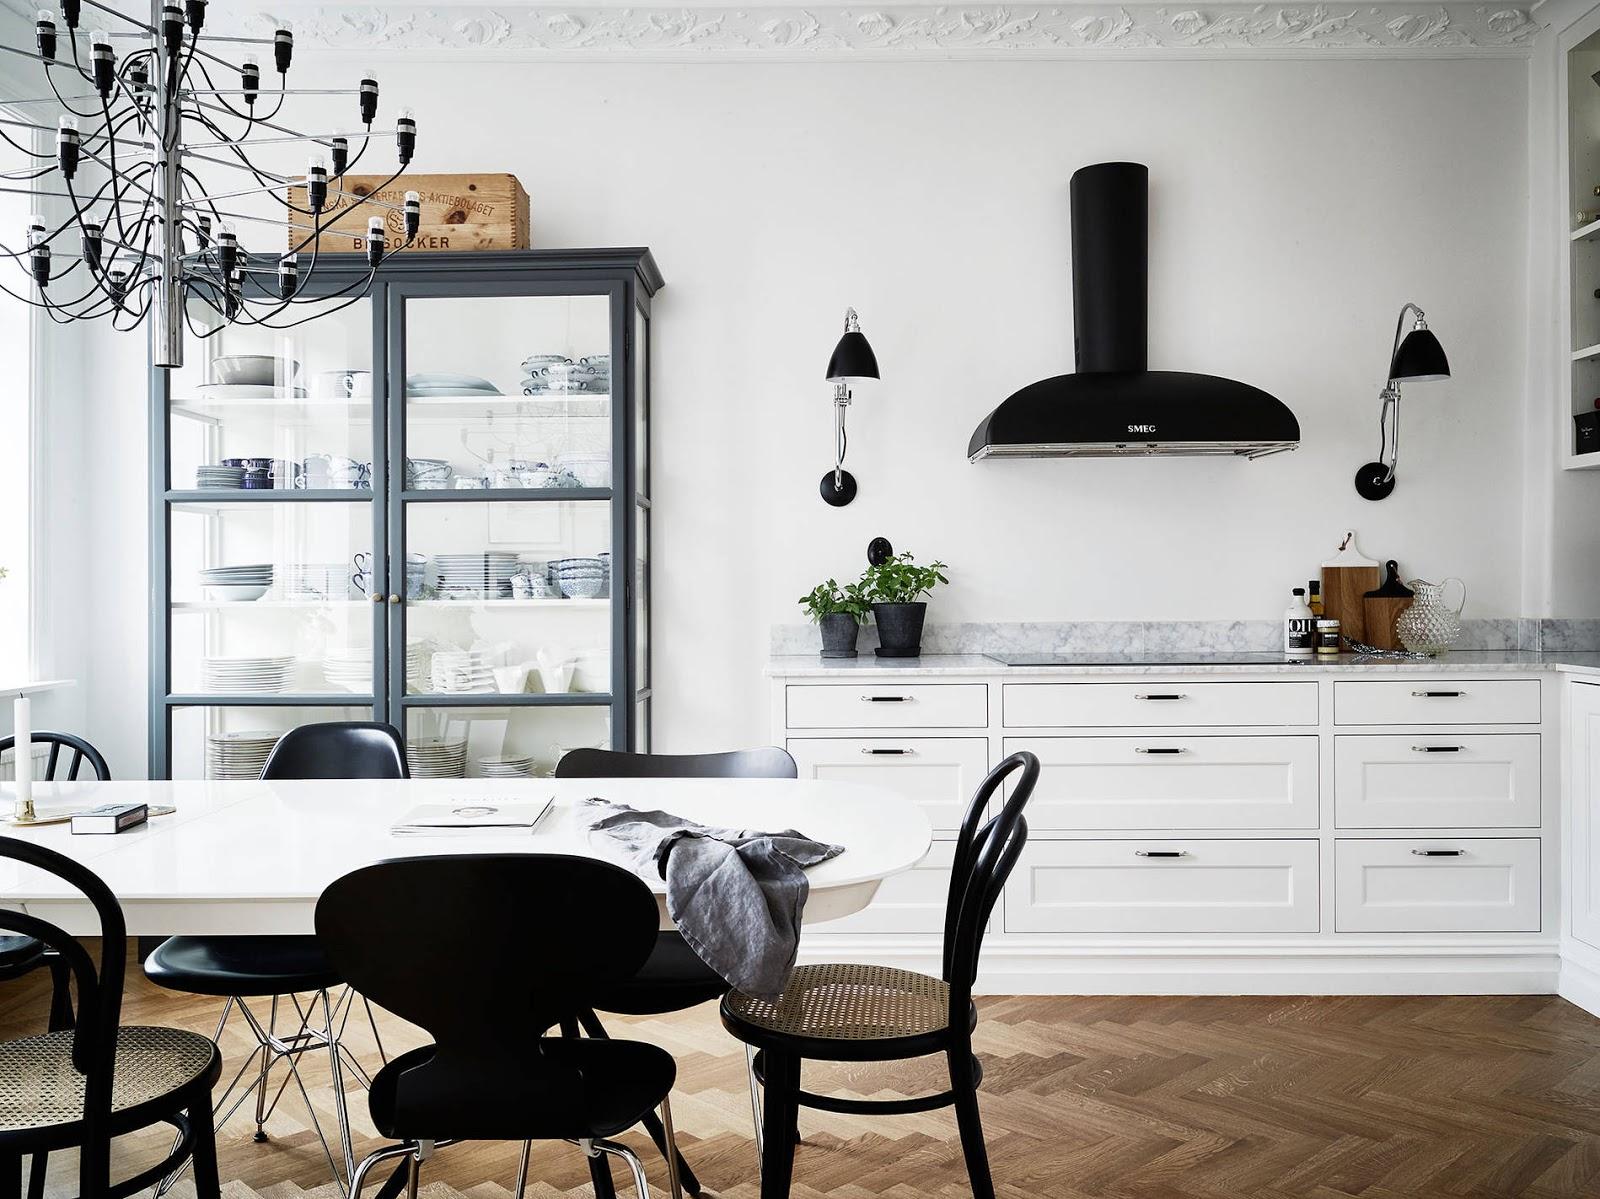 Alti soffitti e cucina classica per questo appartamento a Stoccolma ...